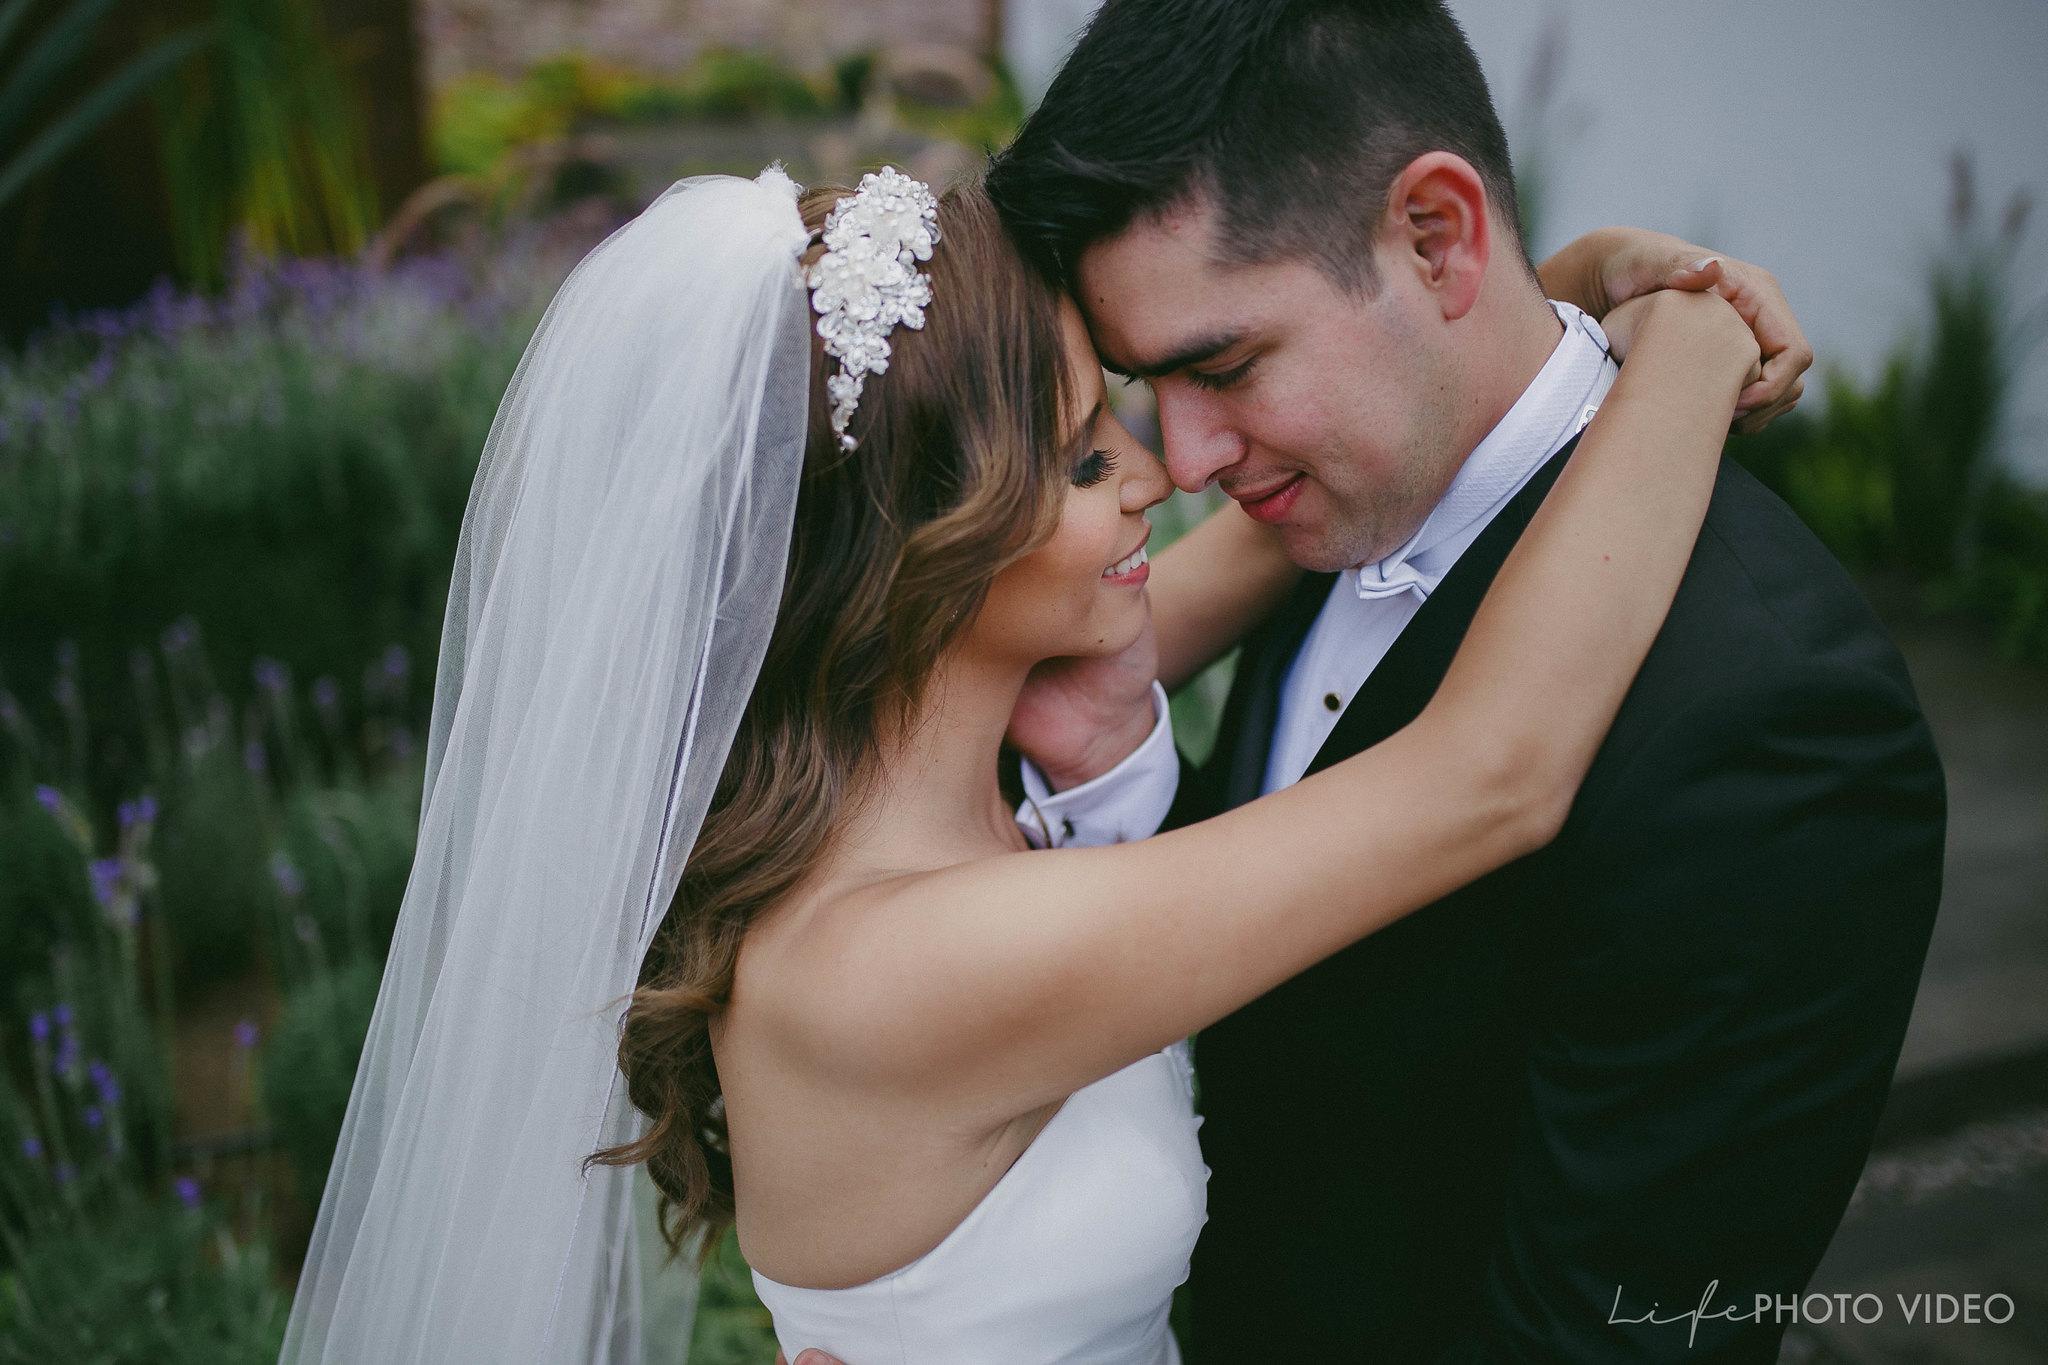 Boda_LeonGto_Wedding_LifePhotoVideo_0019.jpg